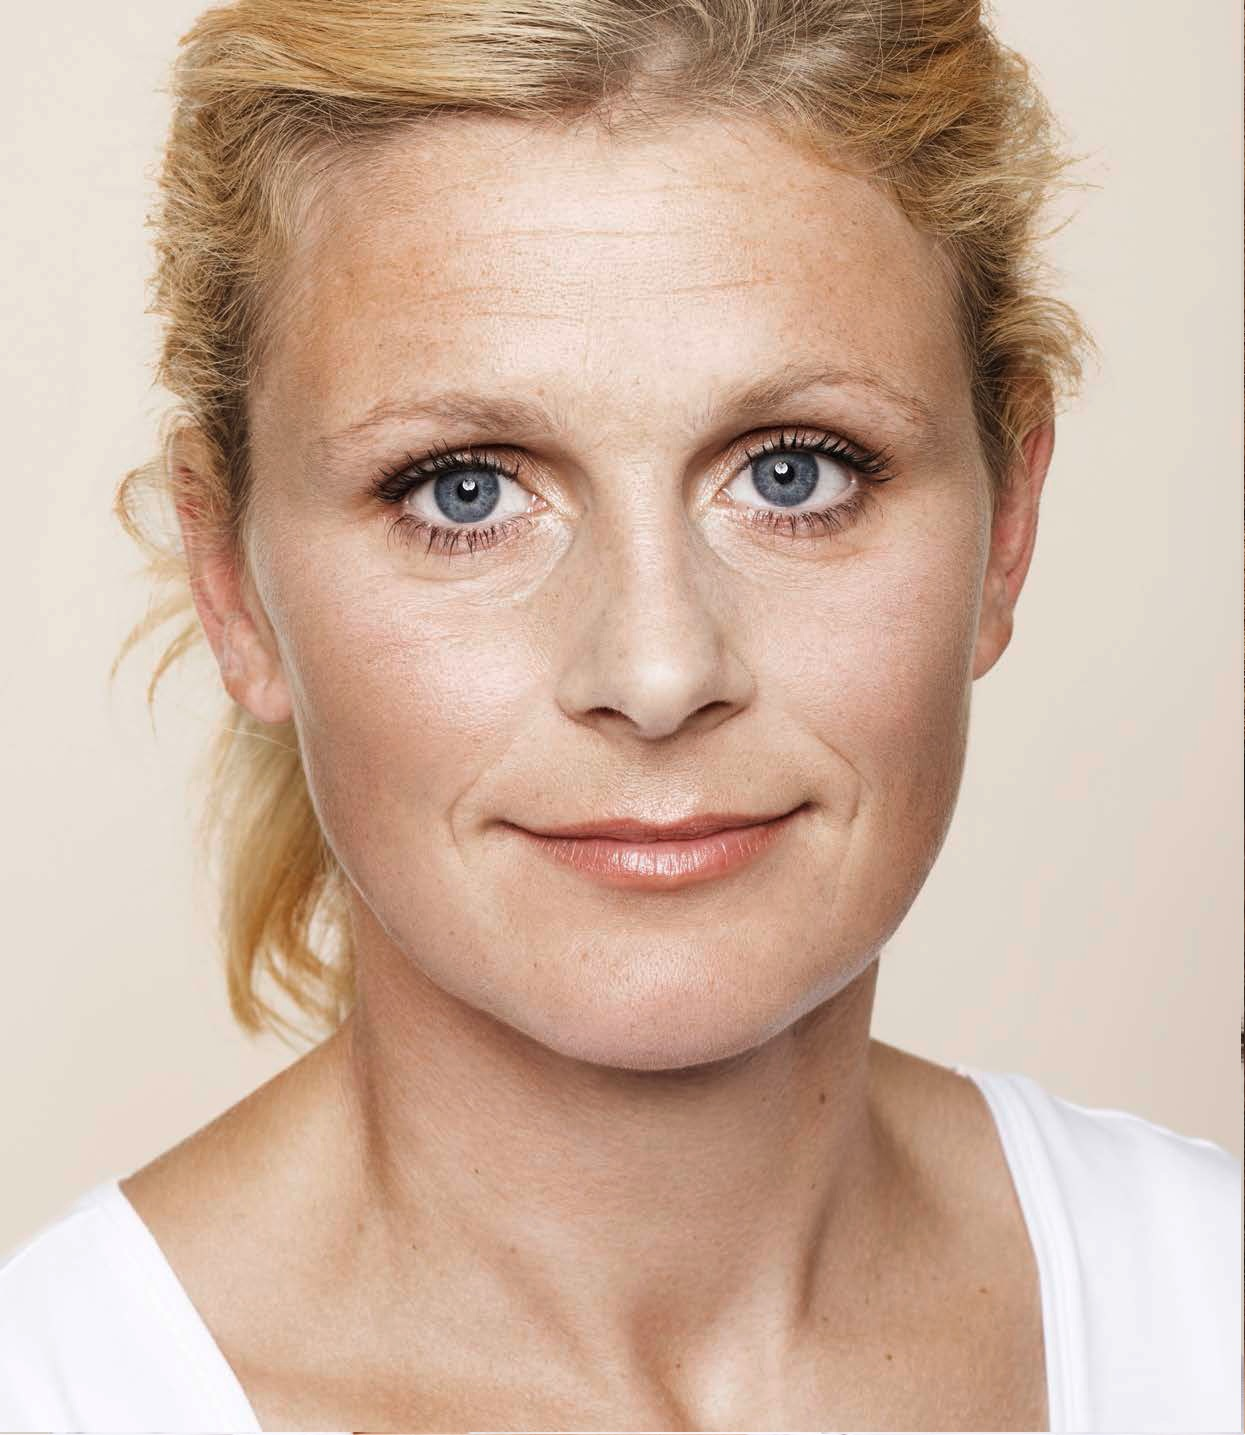 Mujer de edad media antes del tratamiento con ácido hialurónico facial